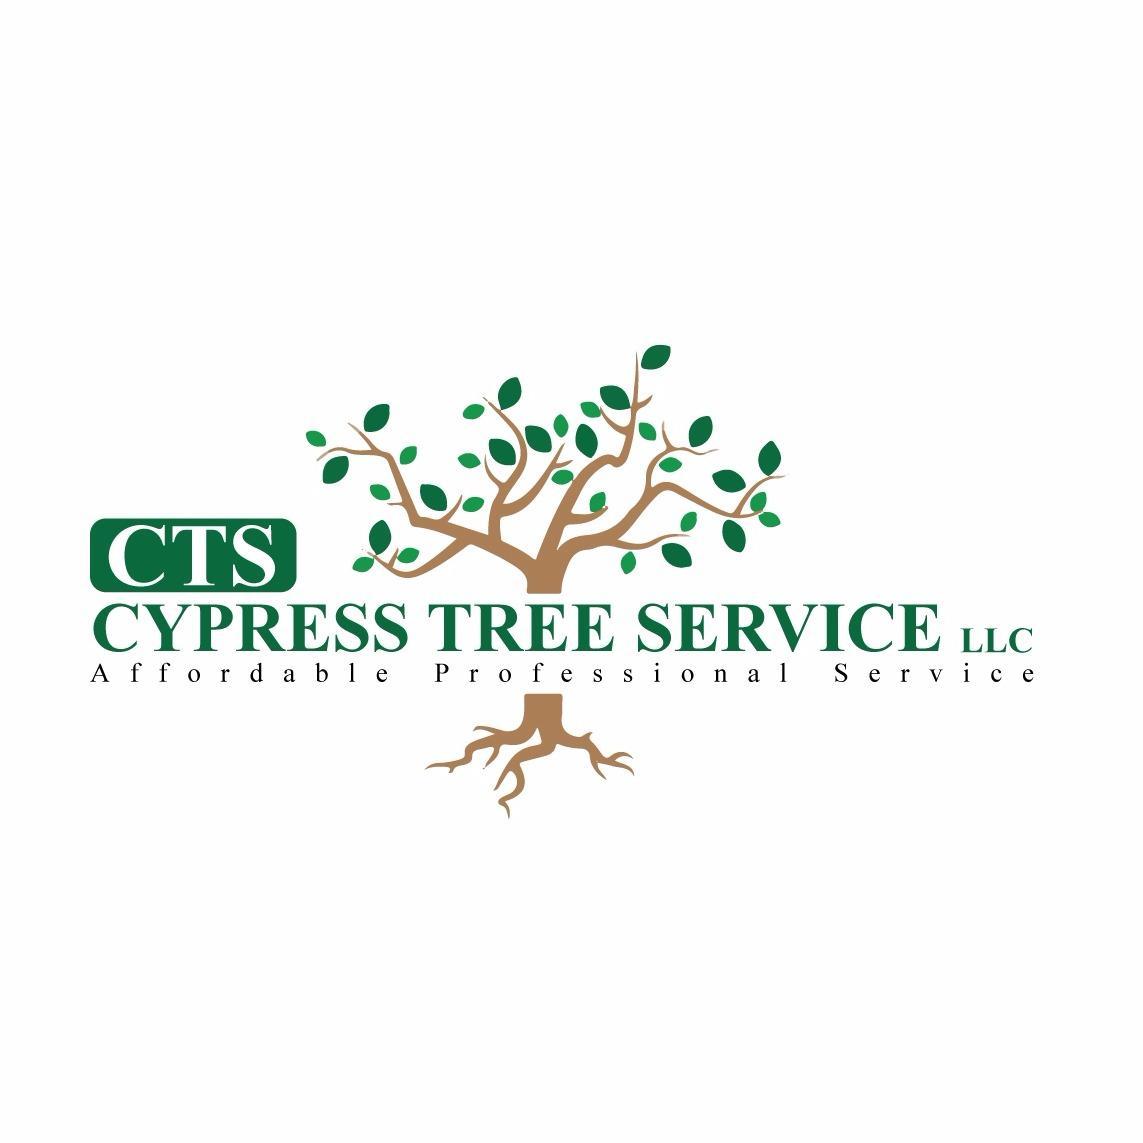 Cypress Tree Service, Llc